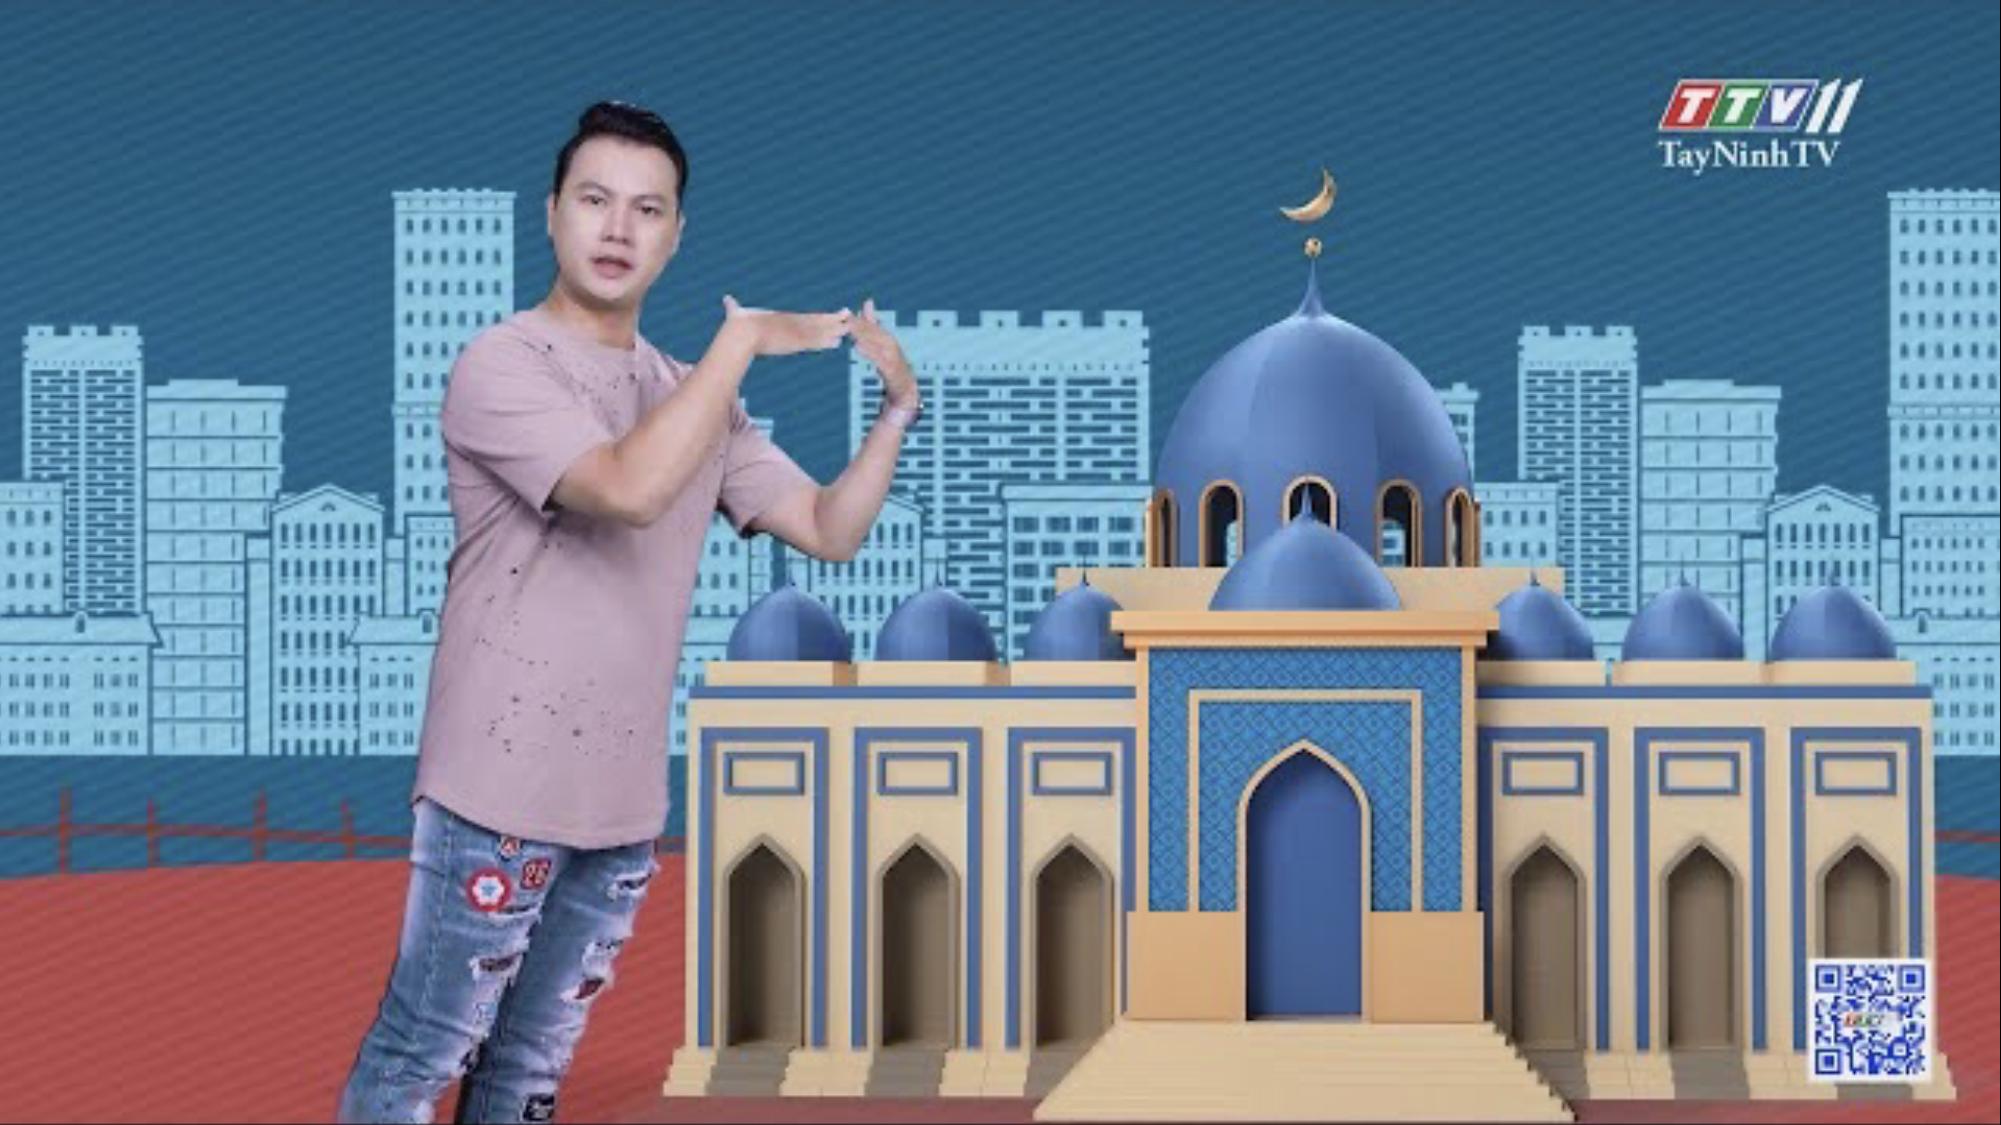 Dùng bóng của bàn tay tái hiện những công trình nổi tiếng | CHUYỆN ĐÔNG TÂY KỲ THÚ | TayNinhTV